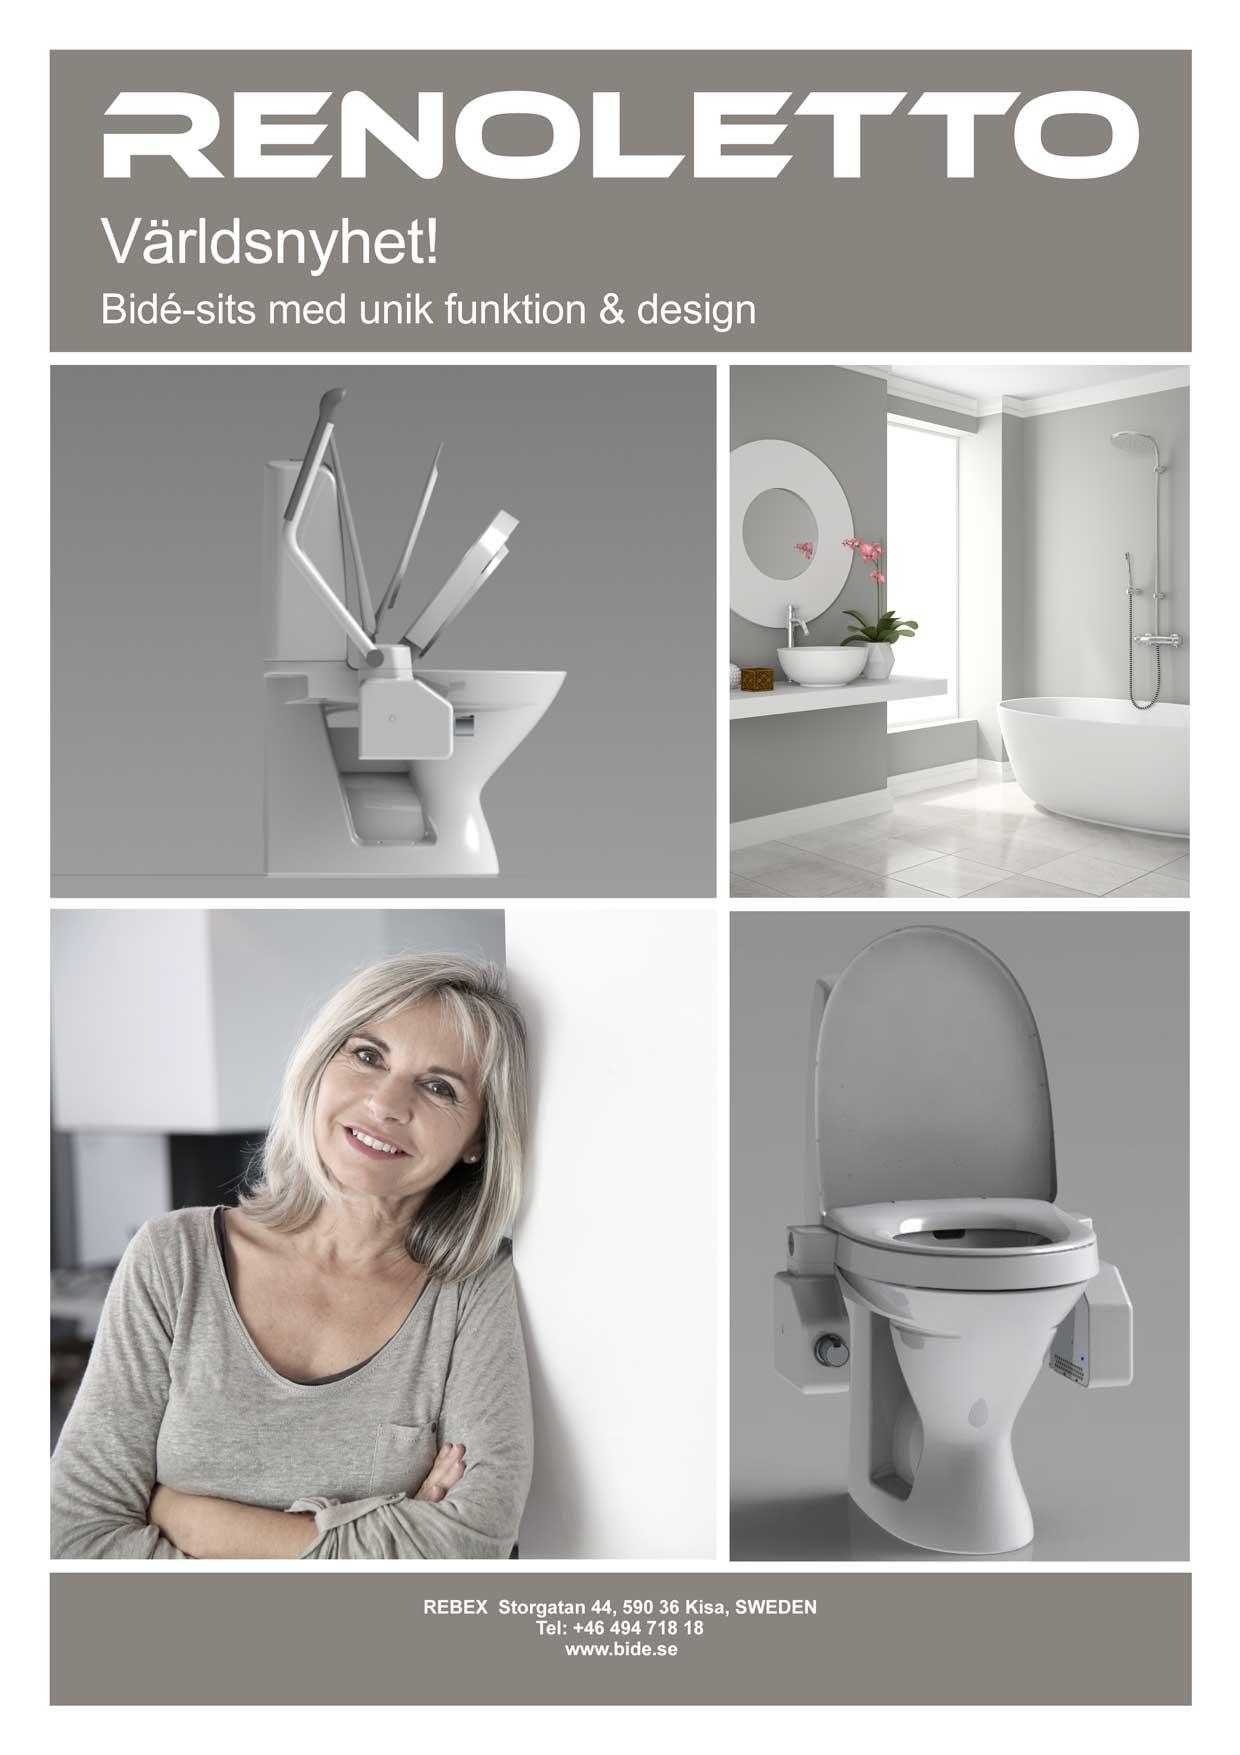 Rebex – broschyr av produkter till toalett för brukare